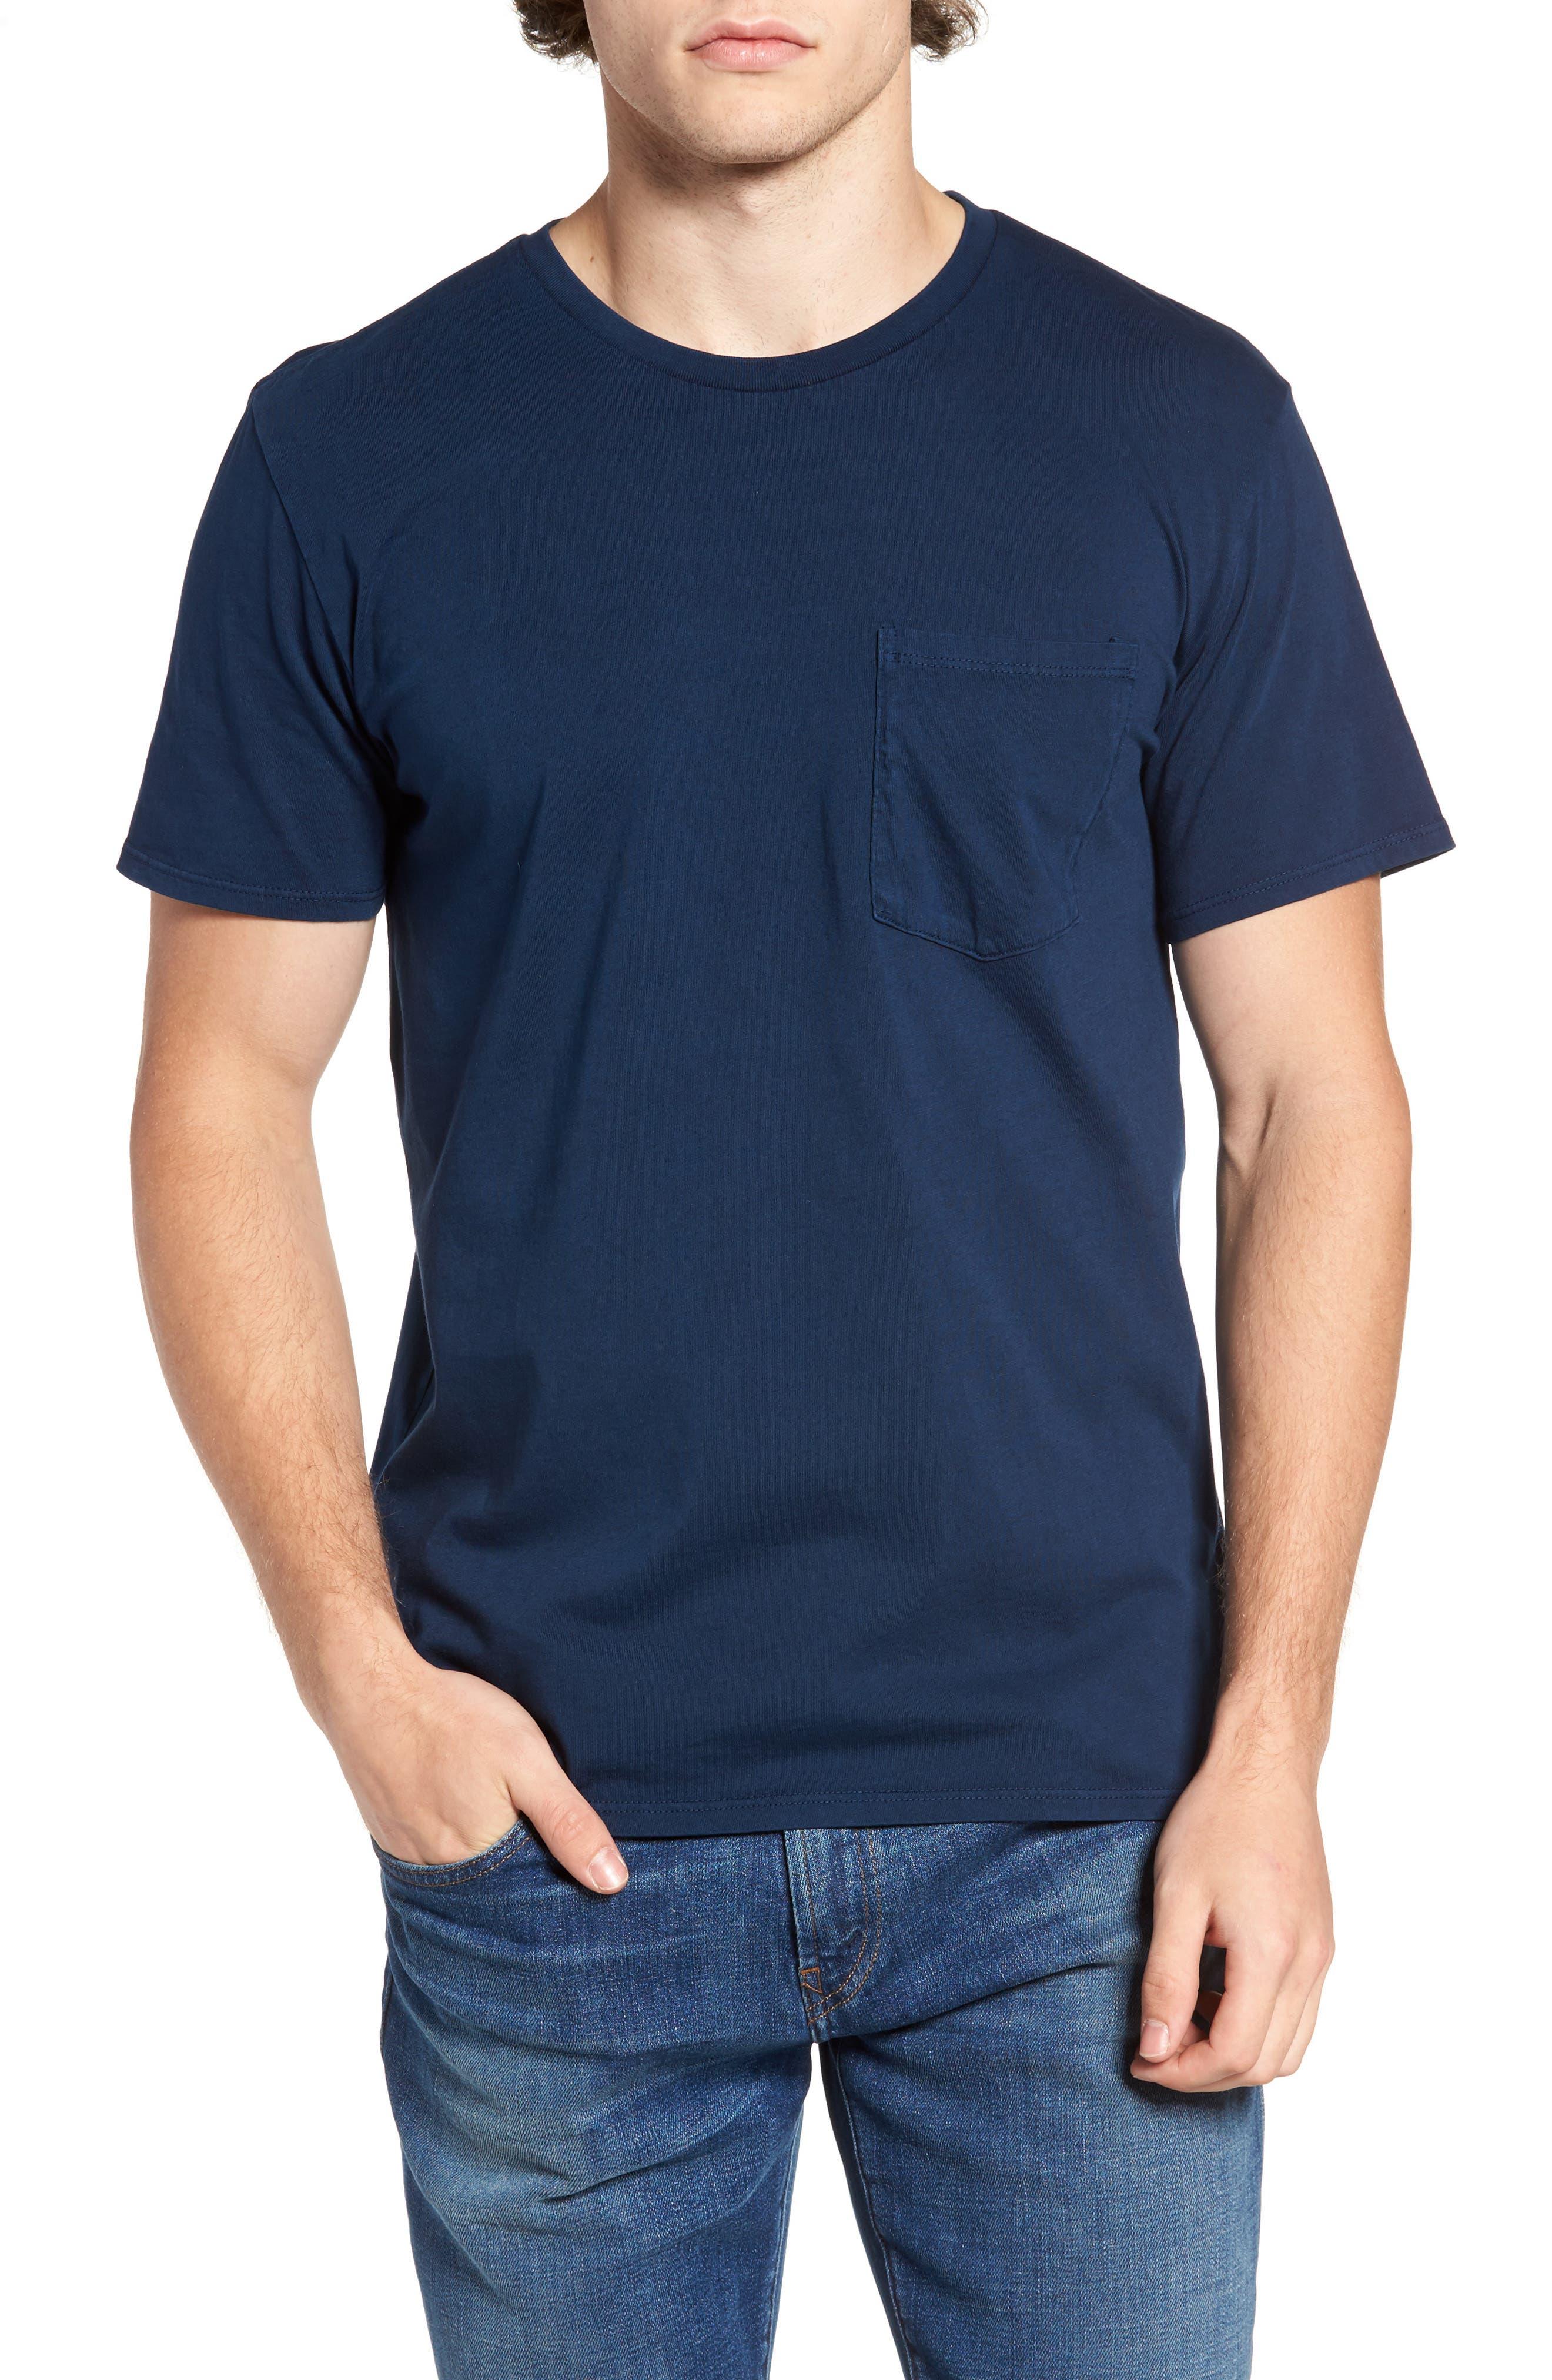 Original Paperbacks Pocket T-Shirt